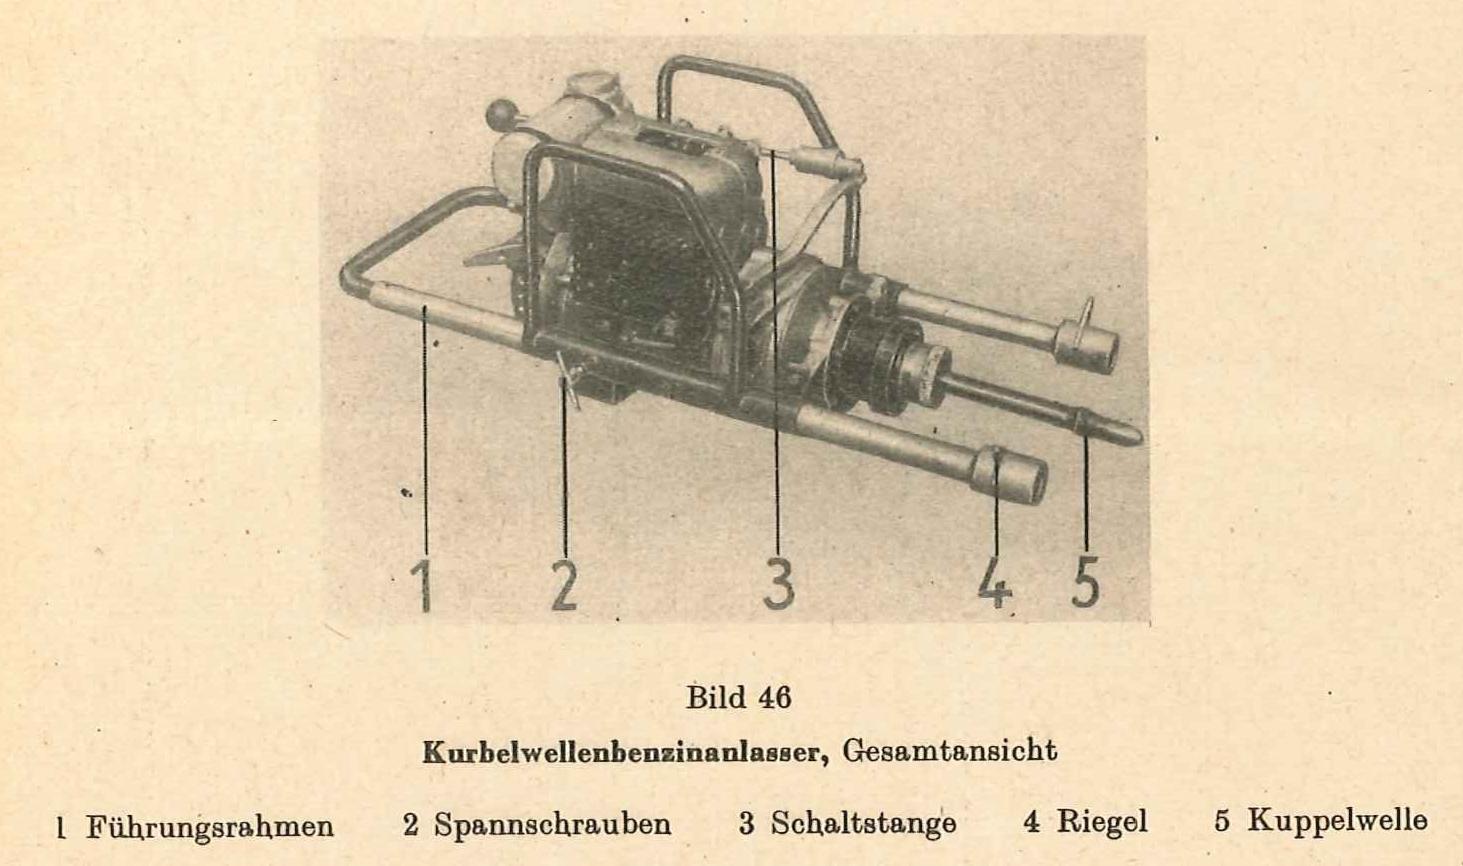 File:Schematische Darstellung eines Kurbelwellenbenzinanlassers.jpg ...